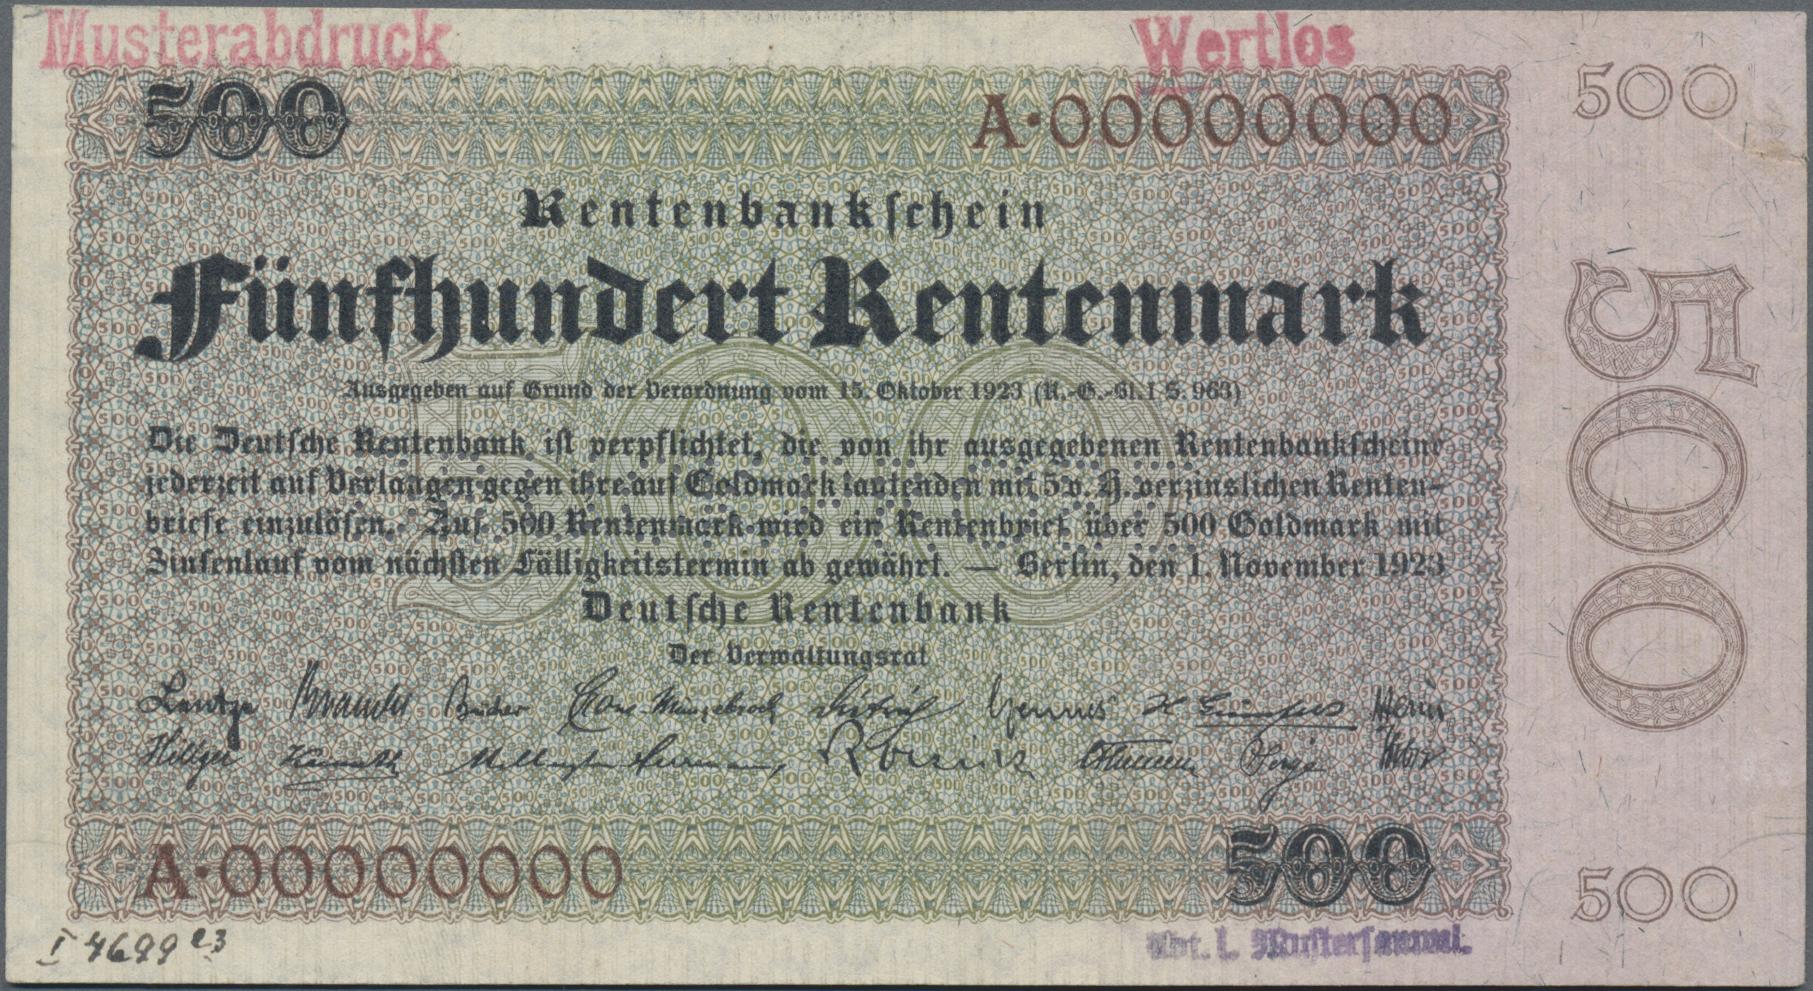 Lot 03358 - Deutschland - Deutsches Reich bis 1945 | Banknoten  -  Auktionshaus Christoph Gärtner GmbH & Co. KG Sale #45 Banknotes Germany/Numismatics